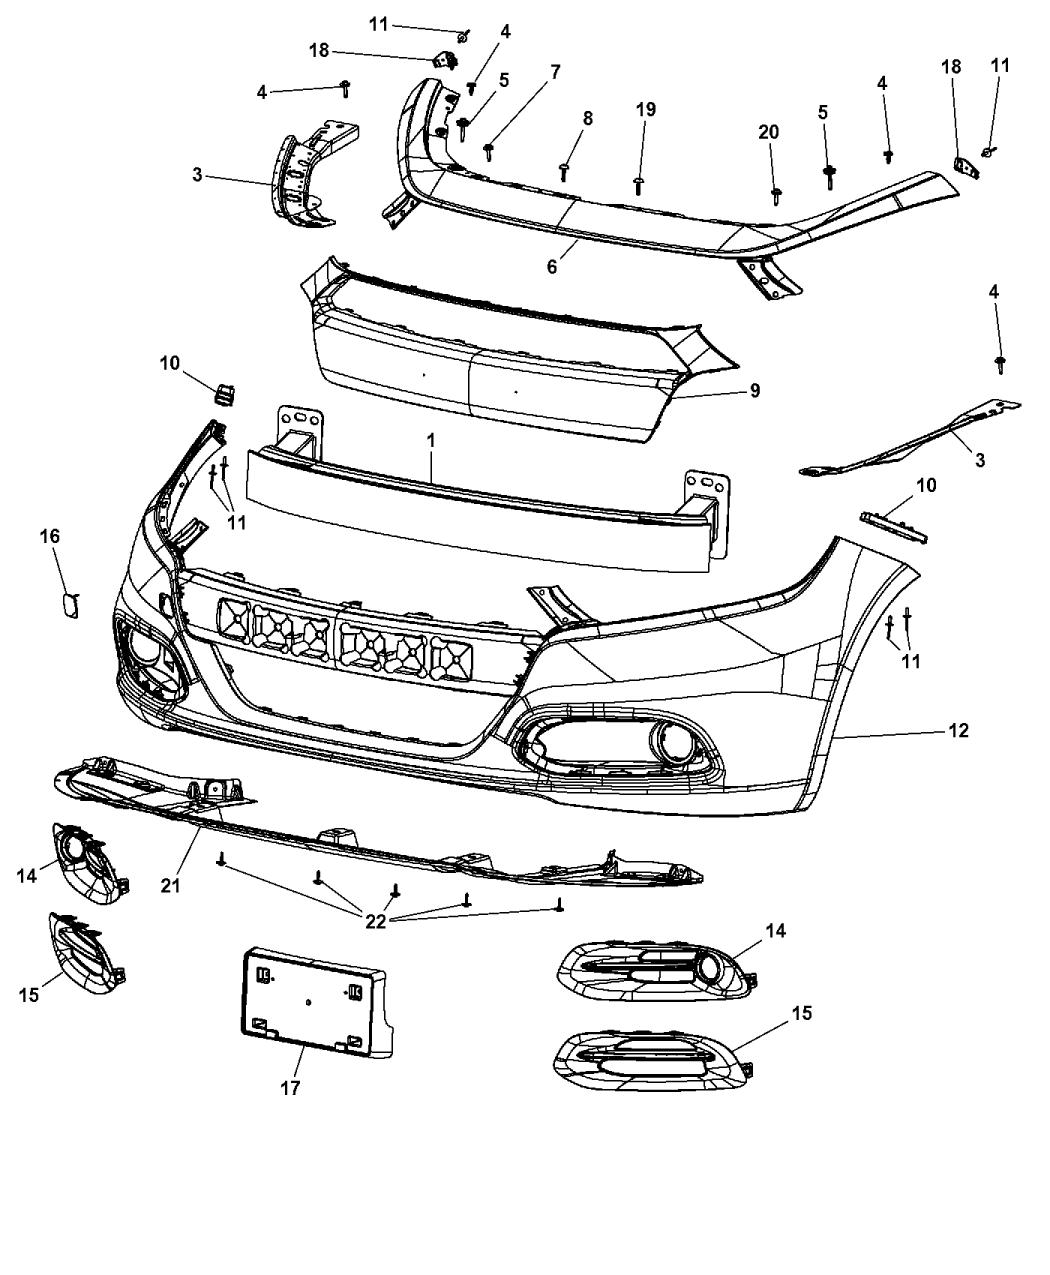 2013 dodge dart fascia front mopar parts giant rh moparpartsgiant com 1963 Dodge Dart Repair Manual Dodge Dart Owners